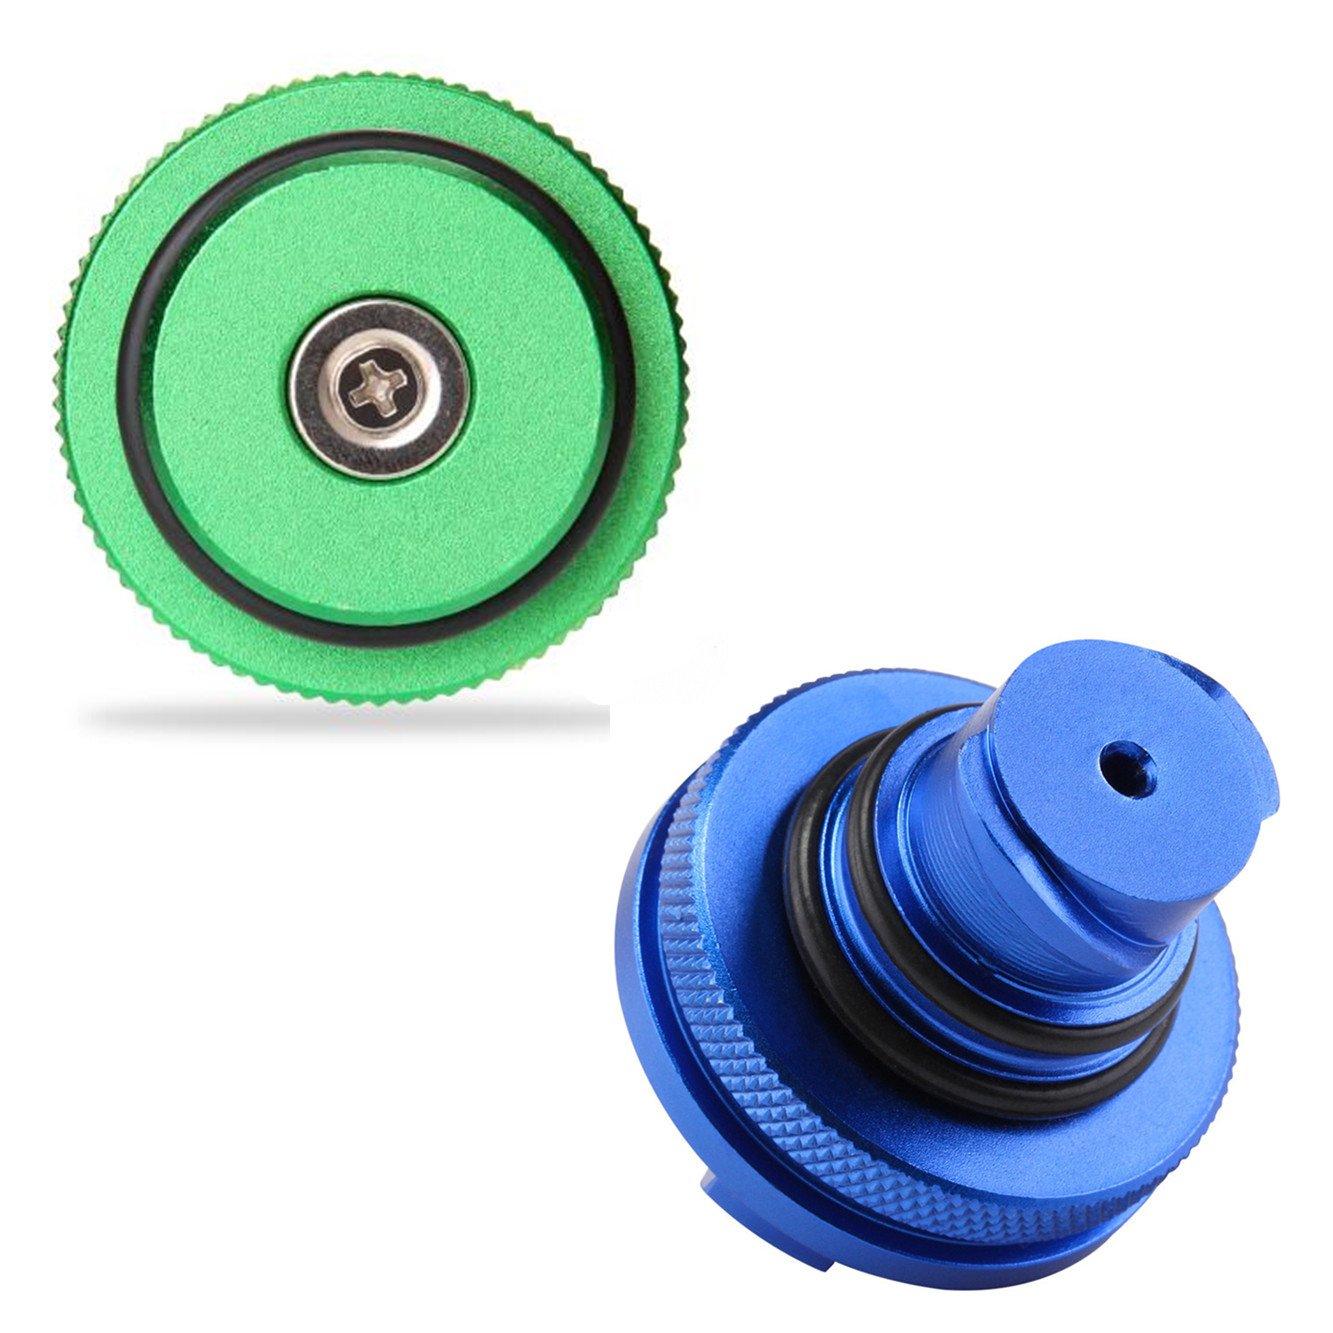 2013-2017 Auto Parts Billet Aluminum Green Fuel Cap Magnetic and Blue DEF Cap for Dodge Ram Cummins